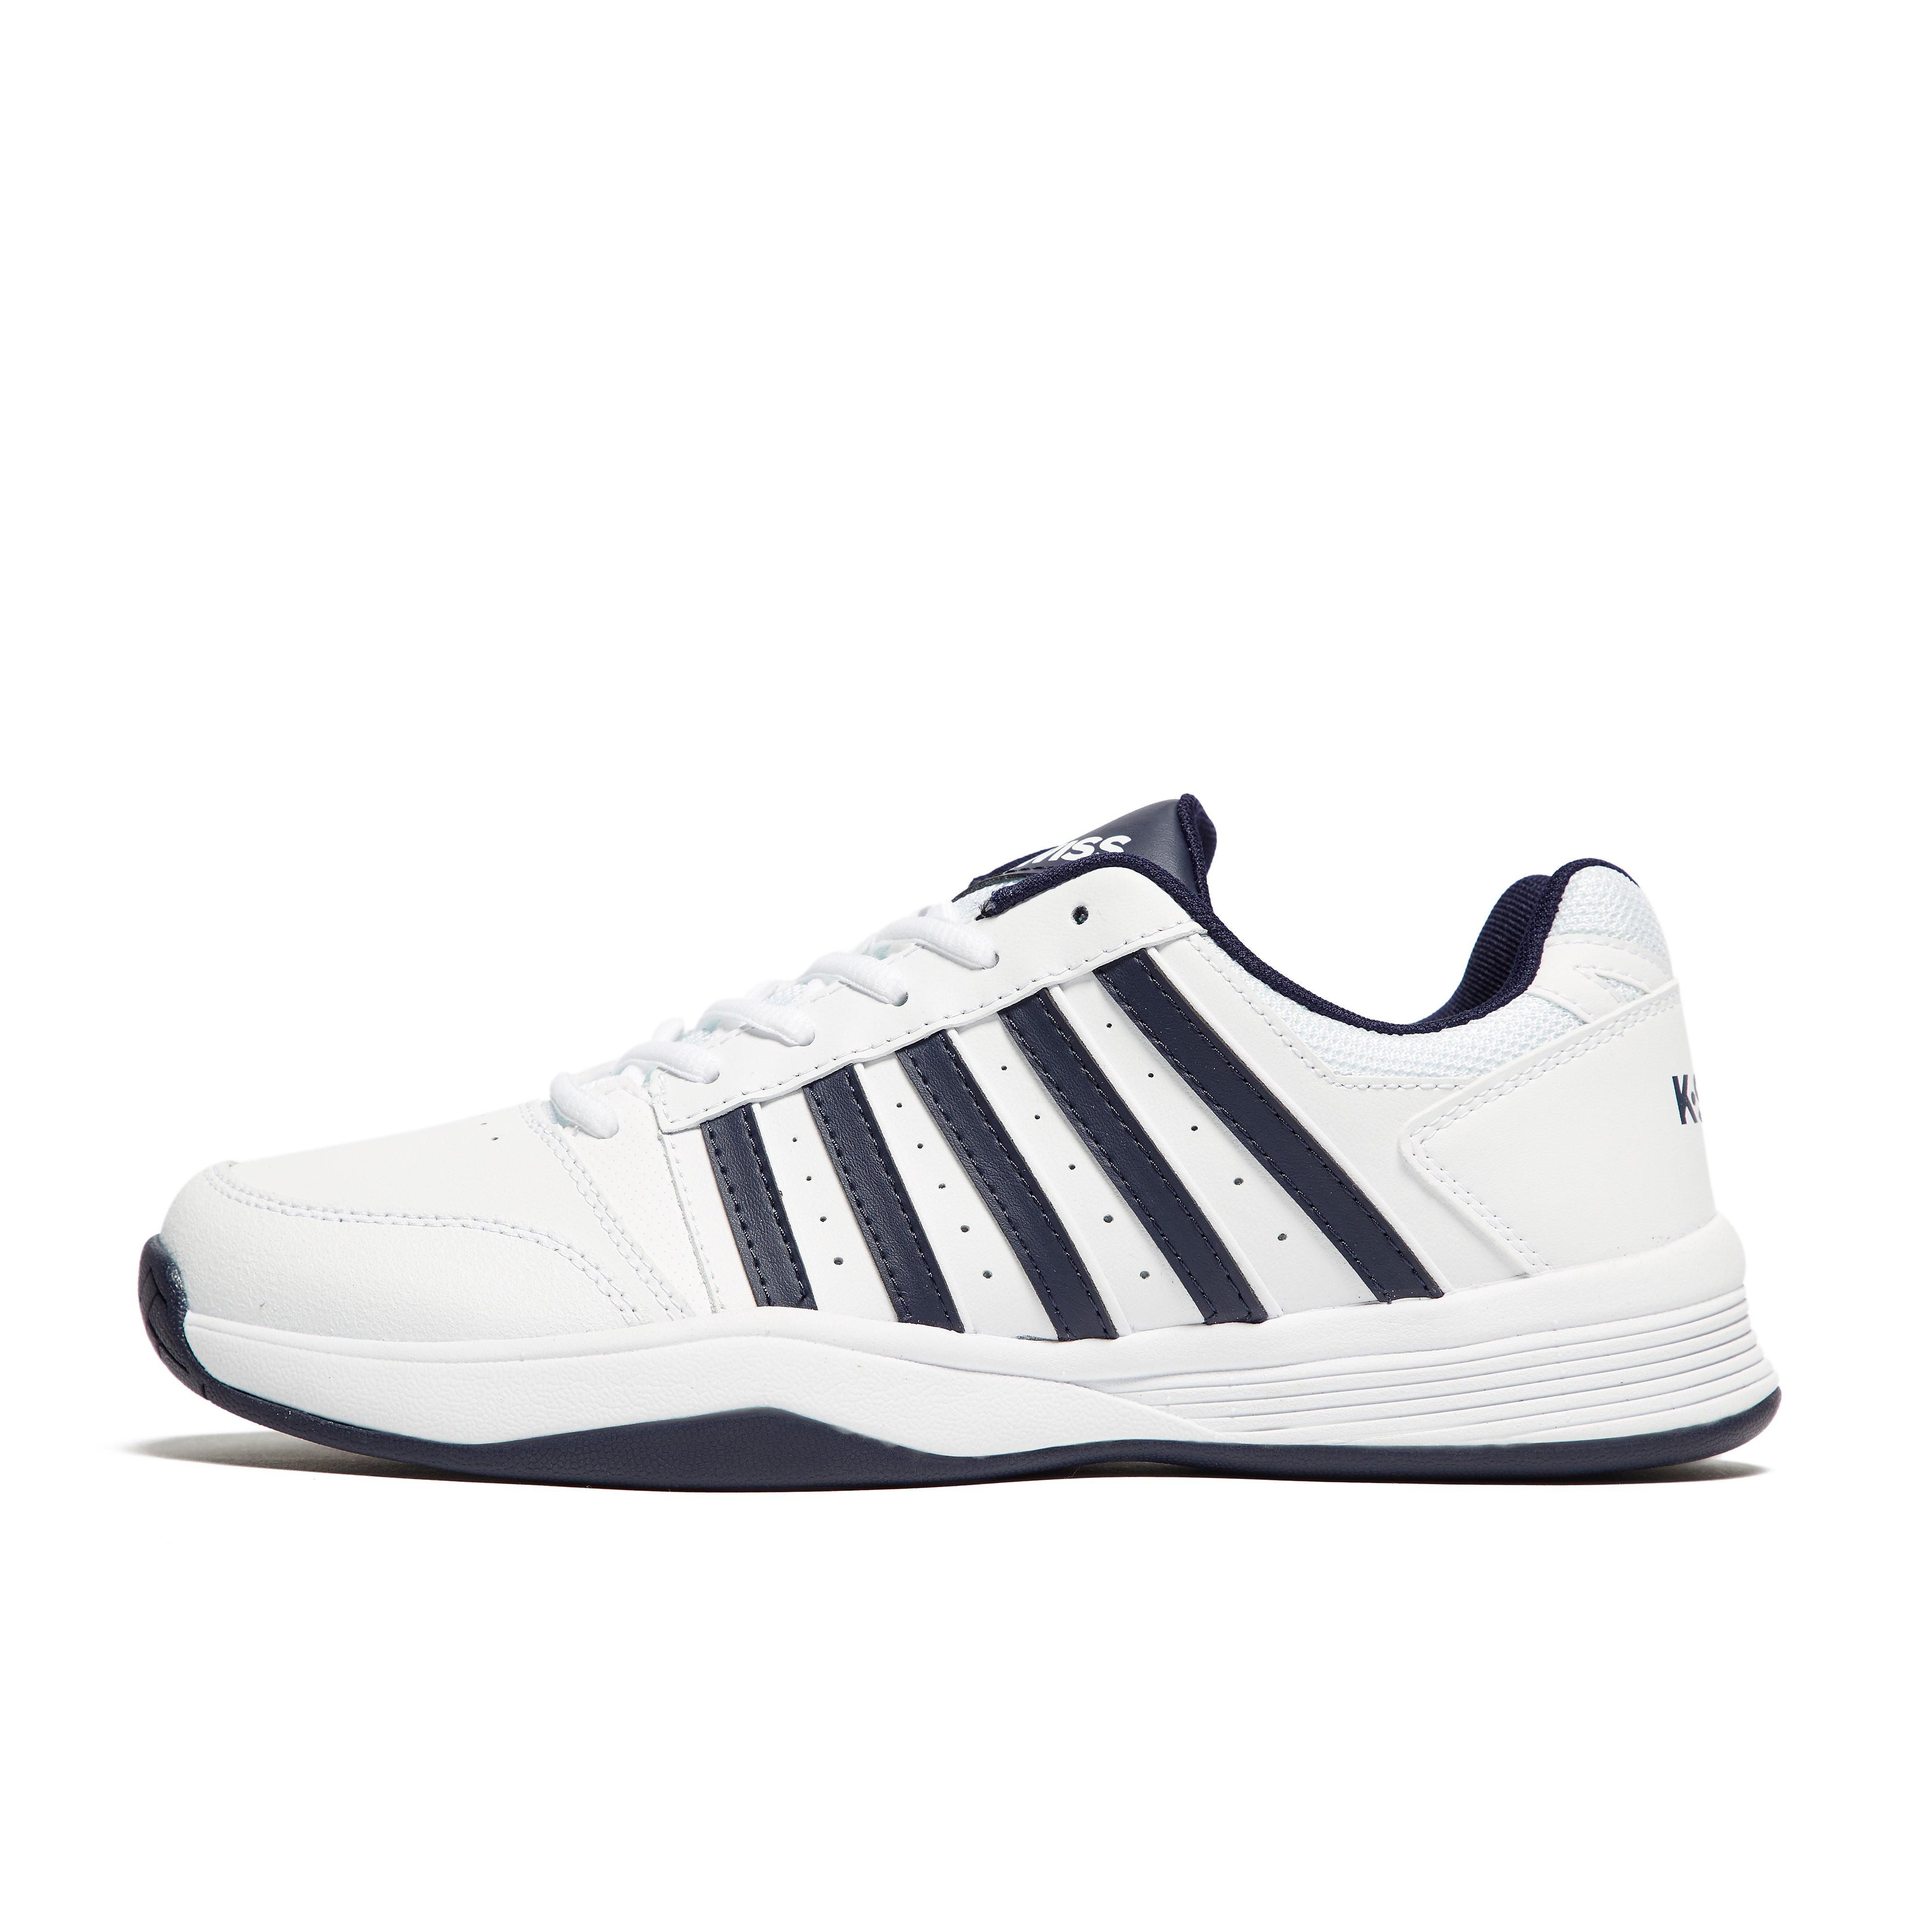 K-Swiss Court Smash Men's Tennis Shoes